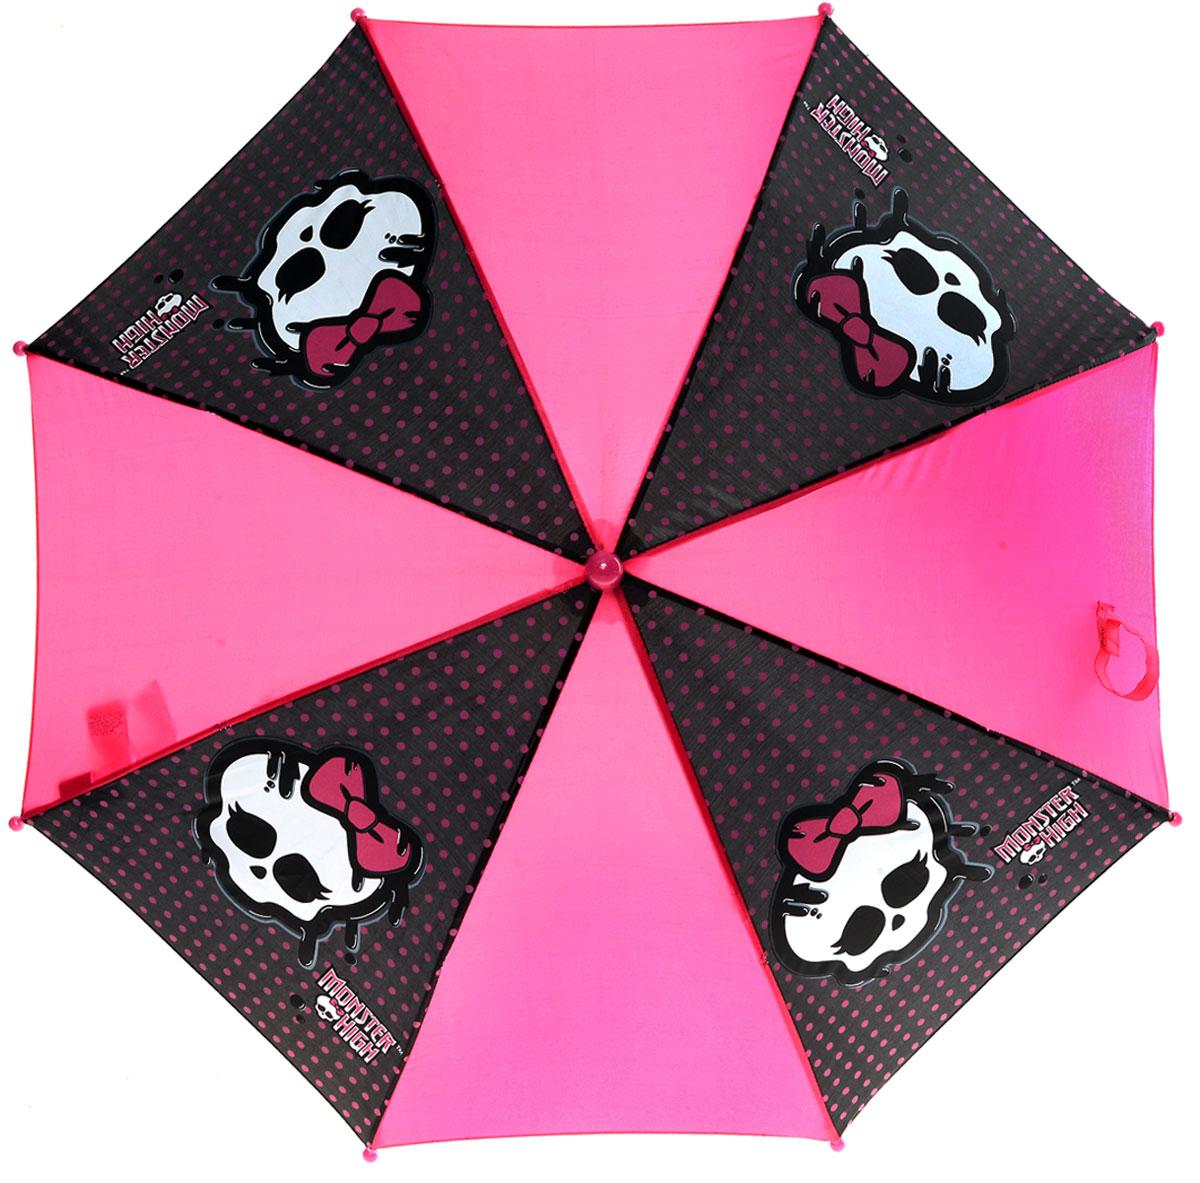 Зонт-трость для девочки Monster High, механика, цвет: ярко-розовый, черный. MOH-132CX1516-50-10Зонт-трость Monster High надежно защитит от непогоды. Купол, оформленный оригинальным принтом, выполнен из высококачественного полиэстера, который не пропускает воду. Каркас зонта, выполненный из прочного металла, состоит из восьми спиц. Зонт имеет механический тип сложения: открывается и закрывается вручную до характерного щелчка. Изделие оснащено удобной пластиковой ручкой изогнутой формы.